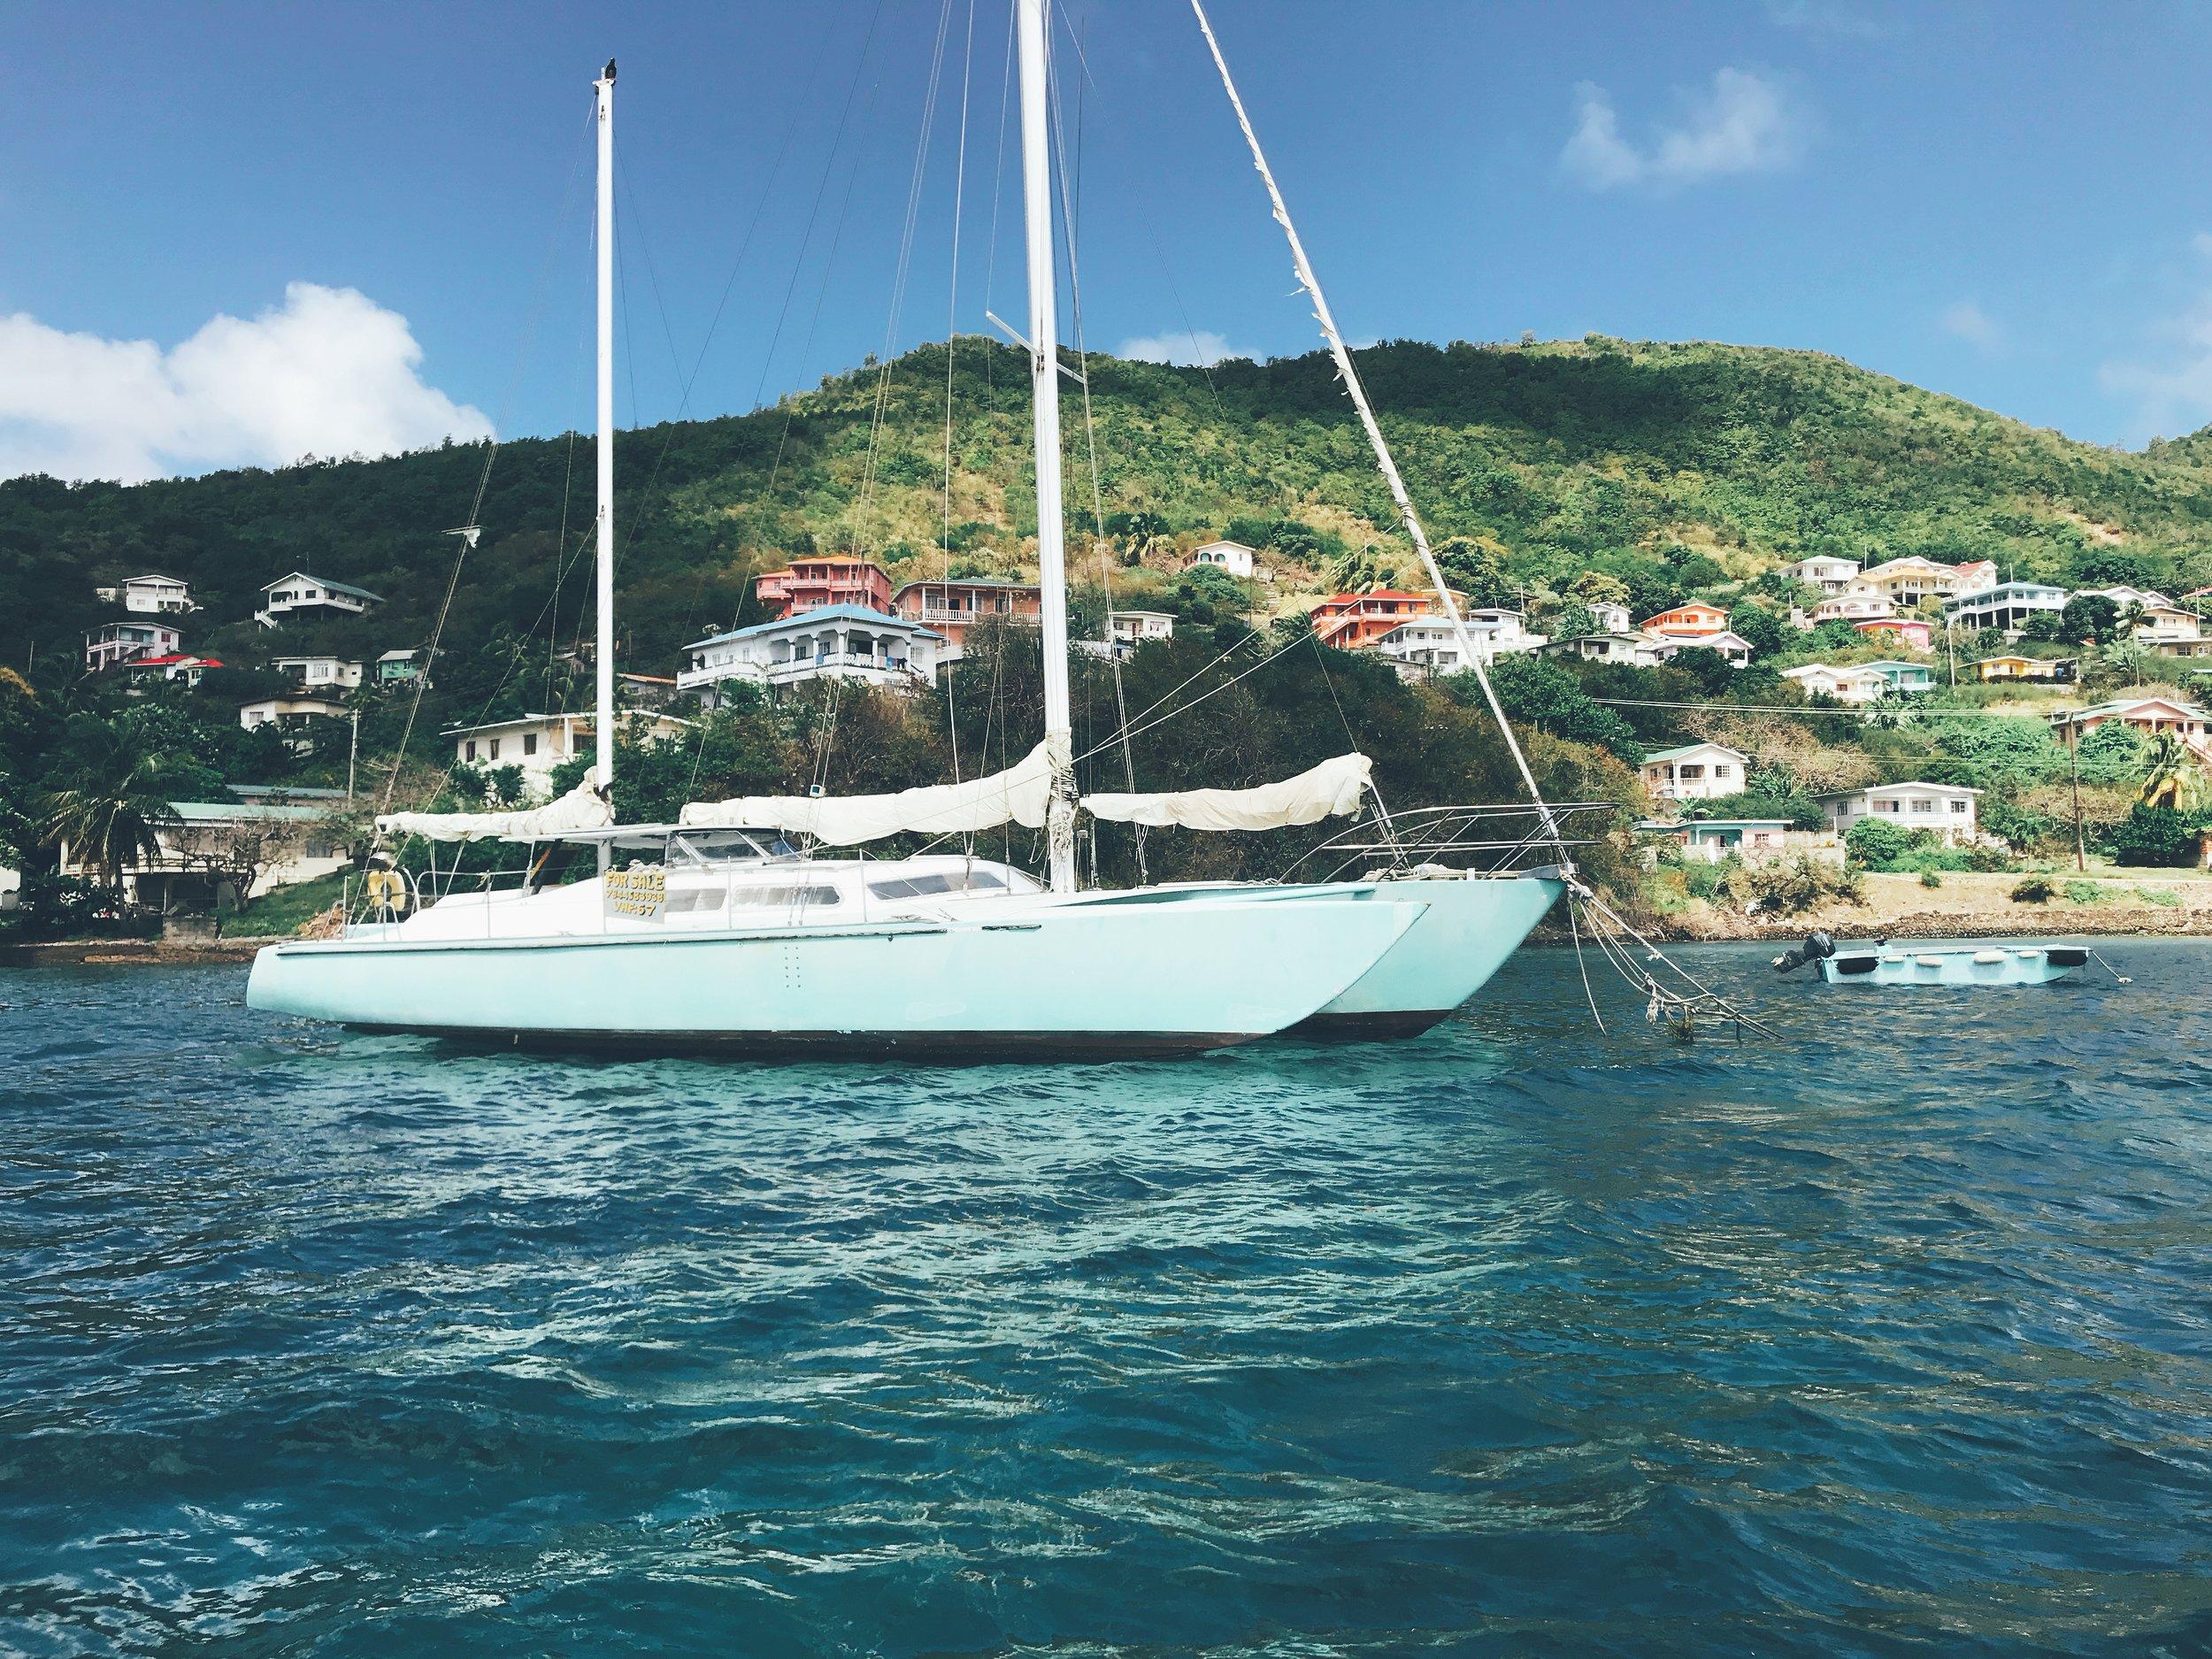 Partie il y a 4 - semaines maintenant, dans l'idée de visiter les Caraïbes et ses plages de sable fin et d'eaux turquoise, c'est à la moitié de mon séjour que je vous fais un petit récapitulatif.